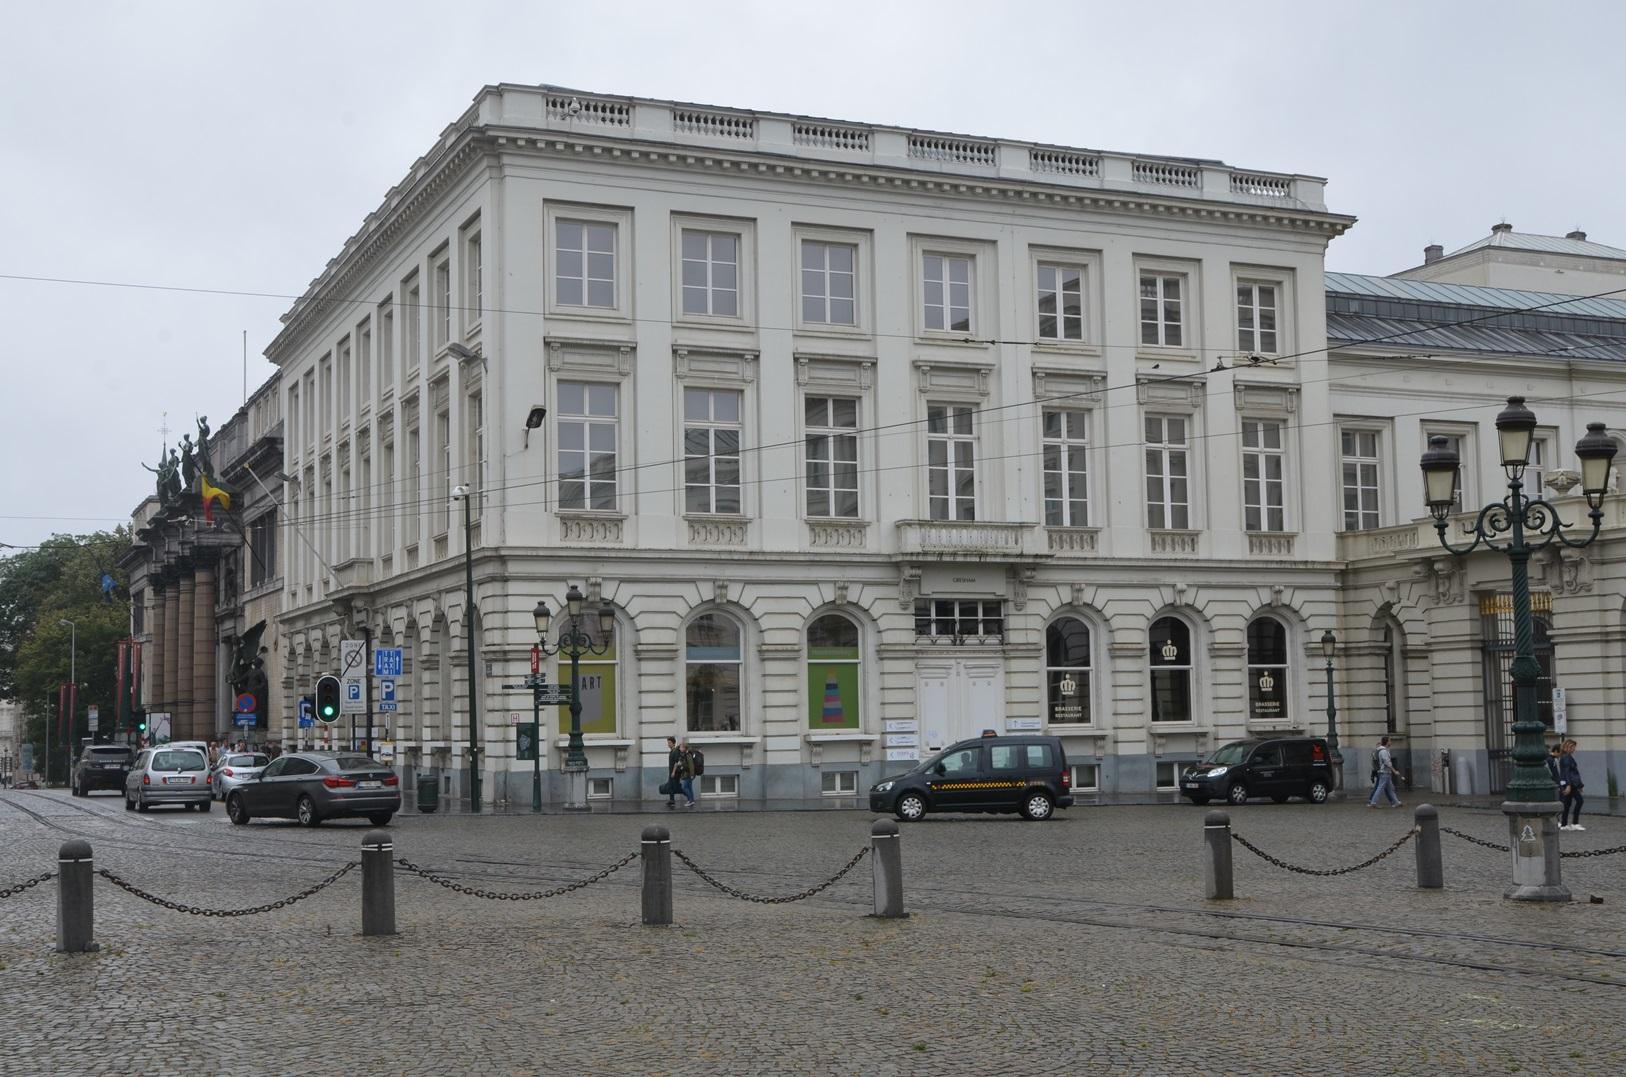 Bruxelles pentagone ancien hôtel gresham musée de lart moderne place royale 3 rue de la régence 1 1a guimard barnabé